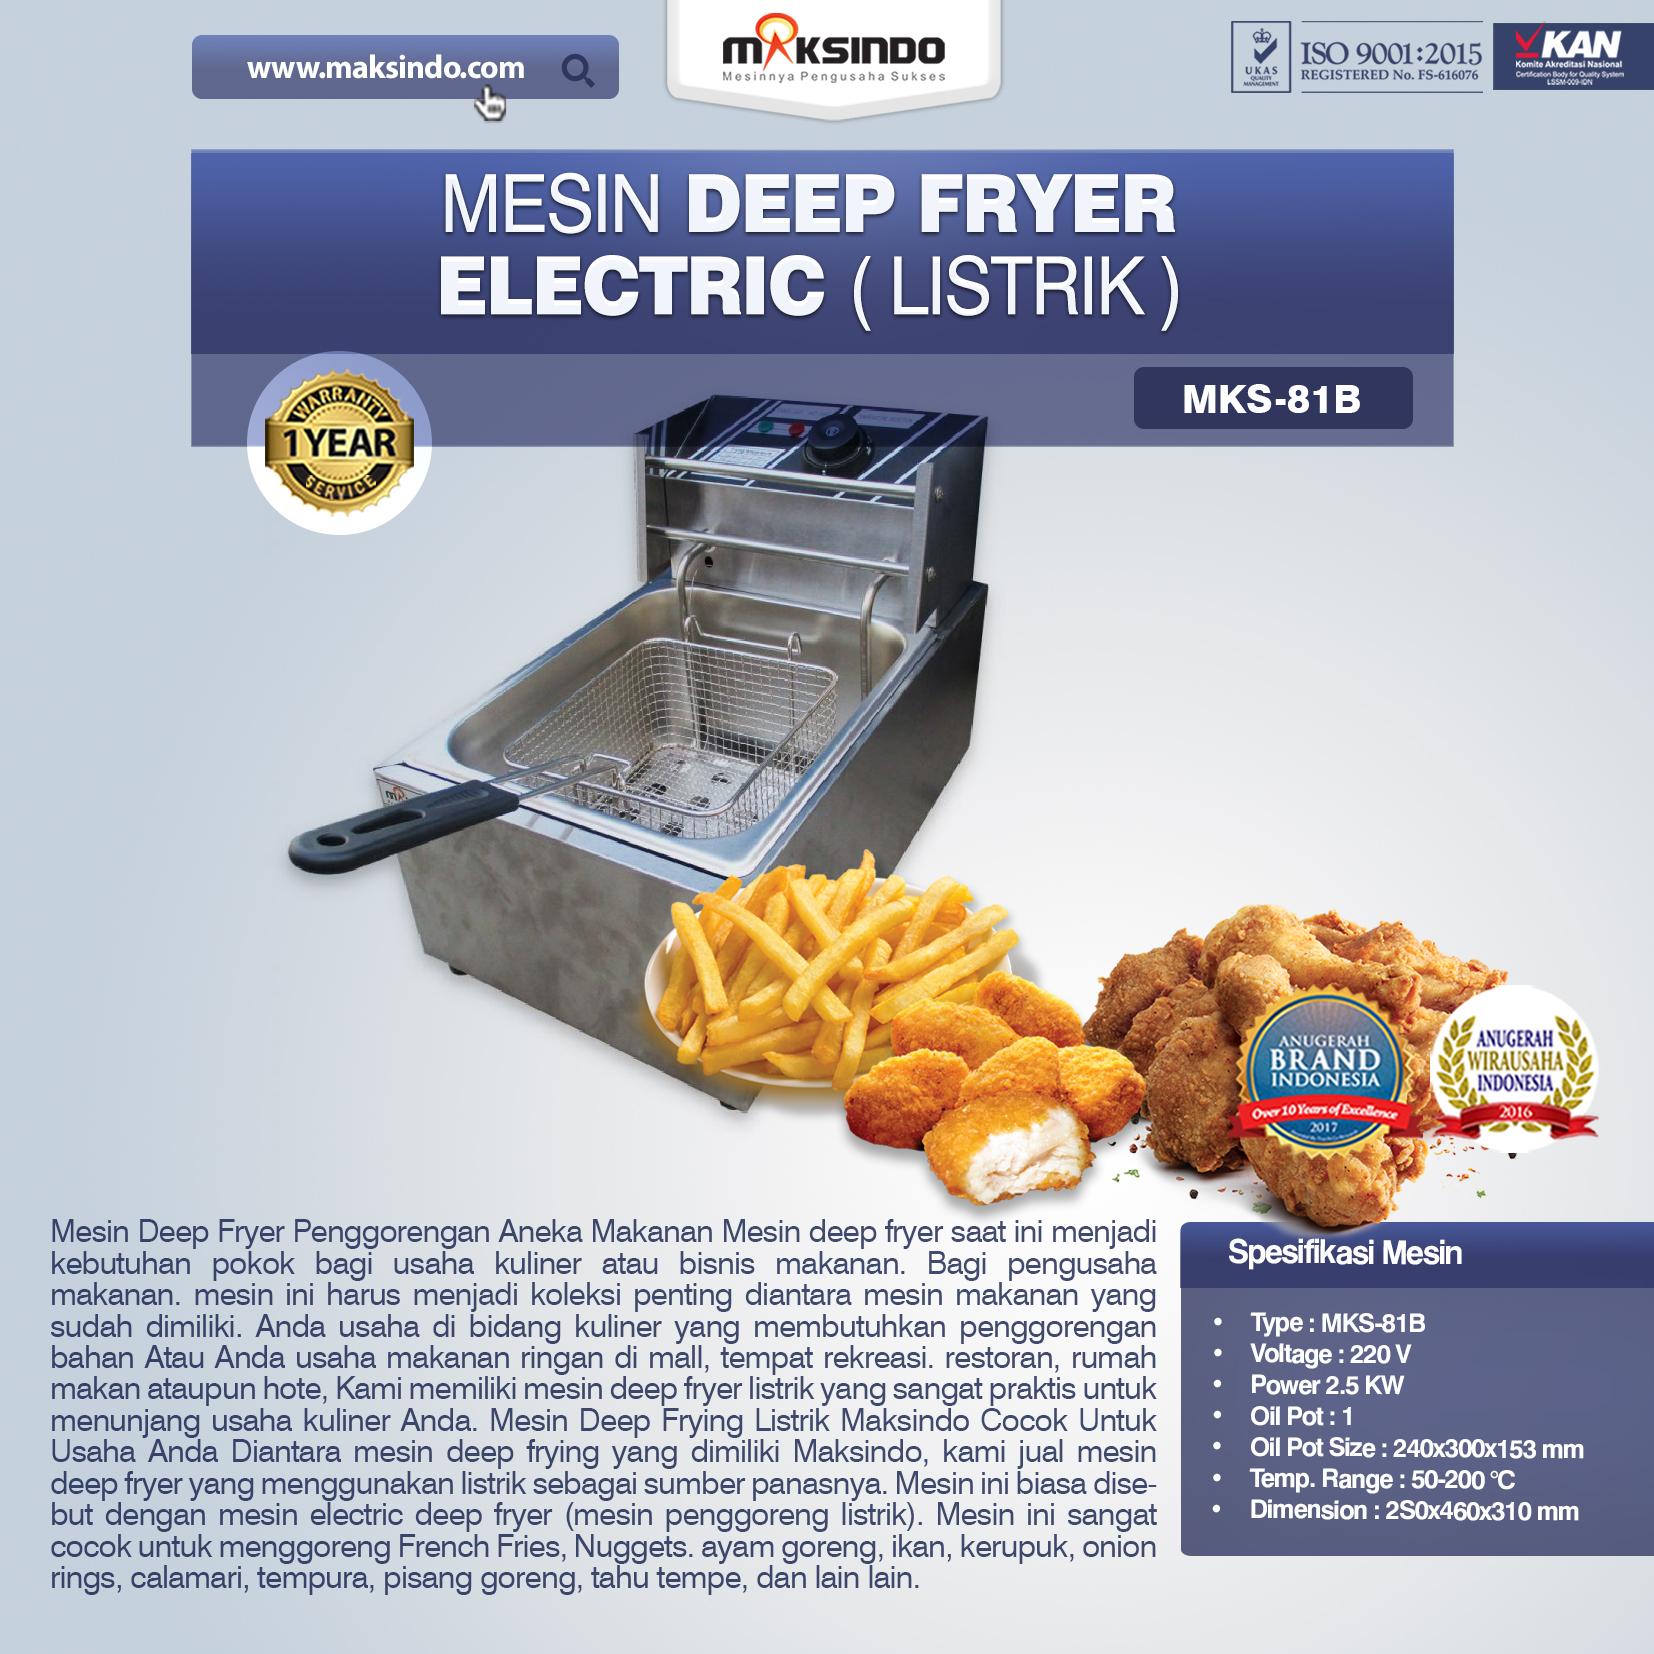 Jual  Mesin Deep Fryer Listrik MKS-81B  di Semarang